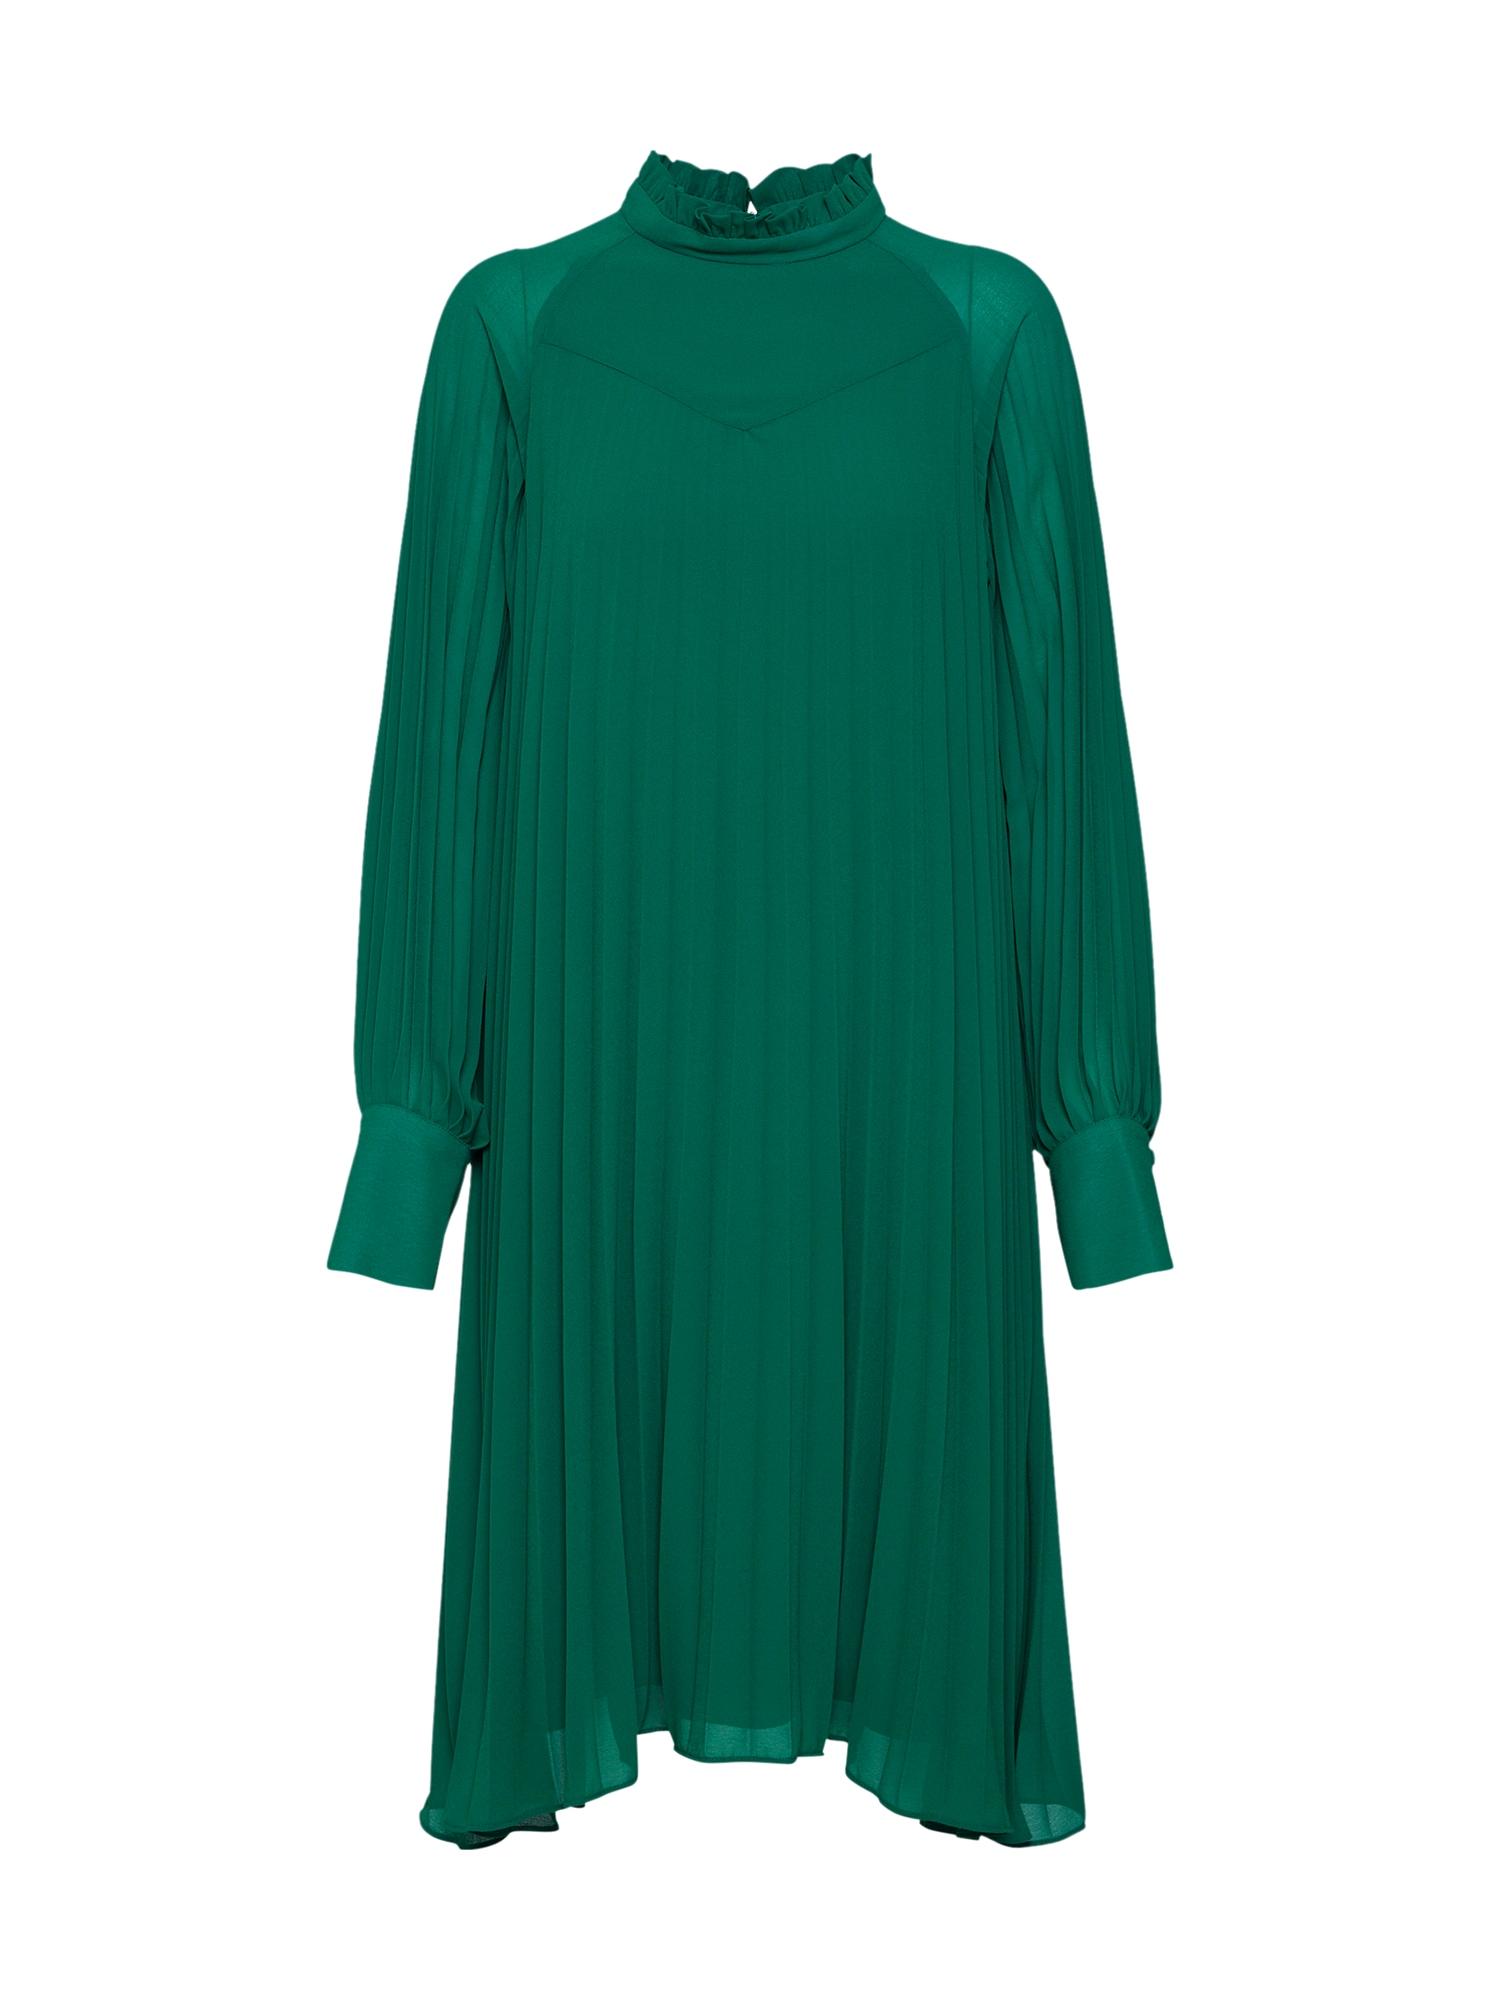 Šaty Wanda trávově zelená POSTYR